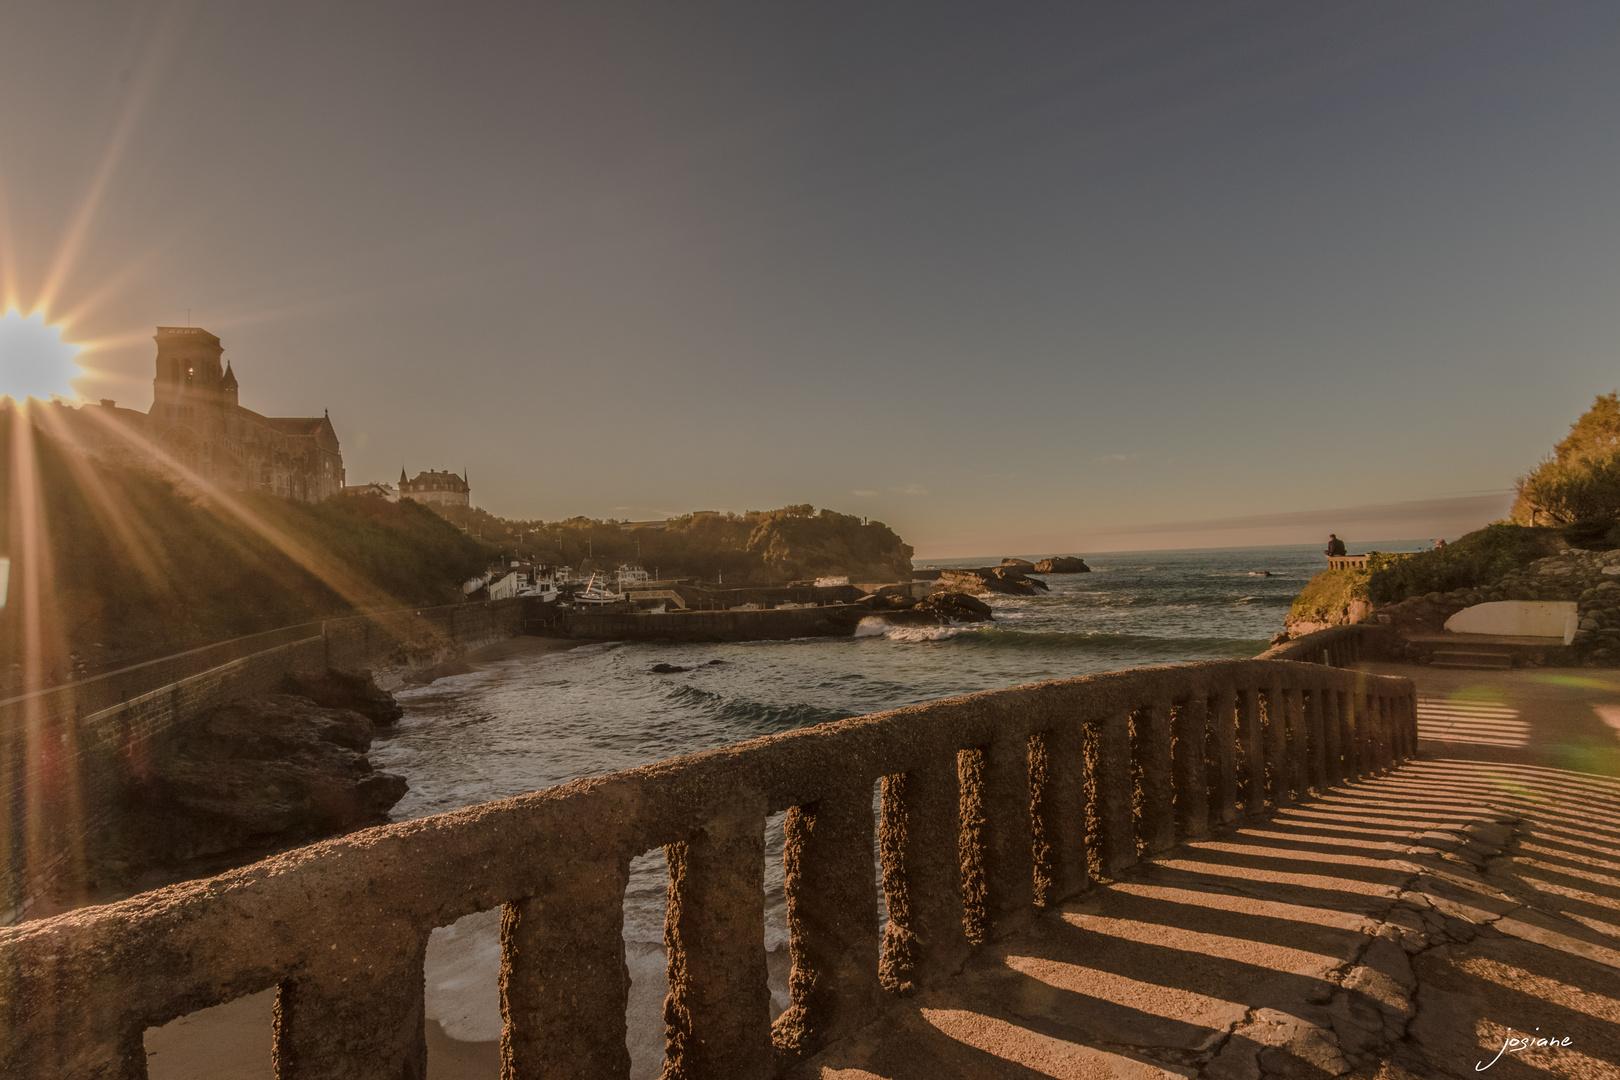 coucher de soleil a biarritz photo et image nature coucher de soleil paysages images. Black Bedroom Furniture Sets. Home Design Ideas